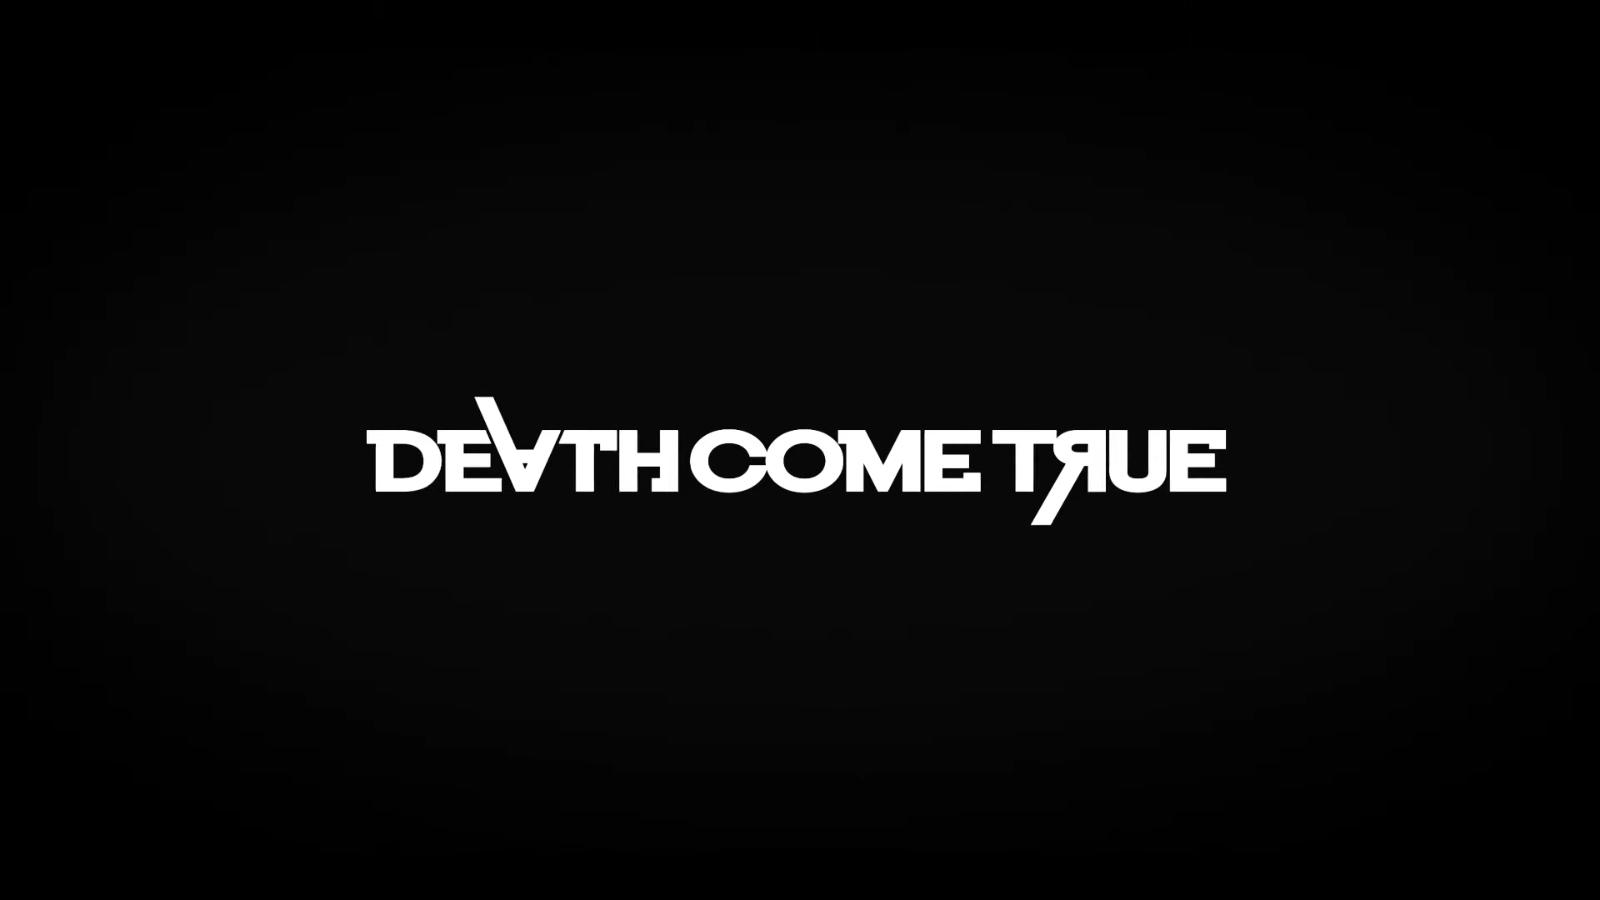 In arrivo Death Come True nel 2020 su PS4, Switch, PC, iOS e Android